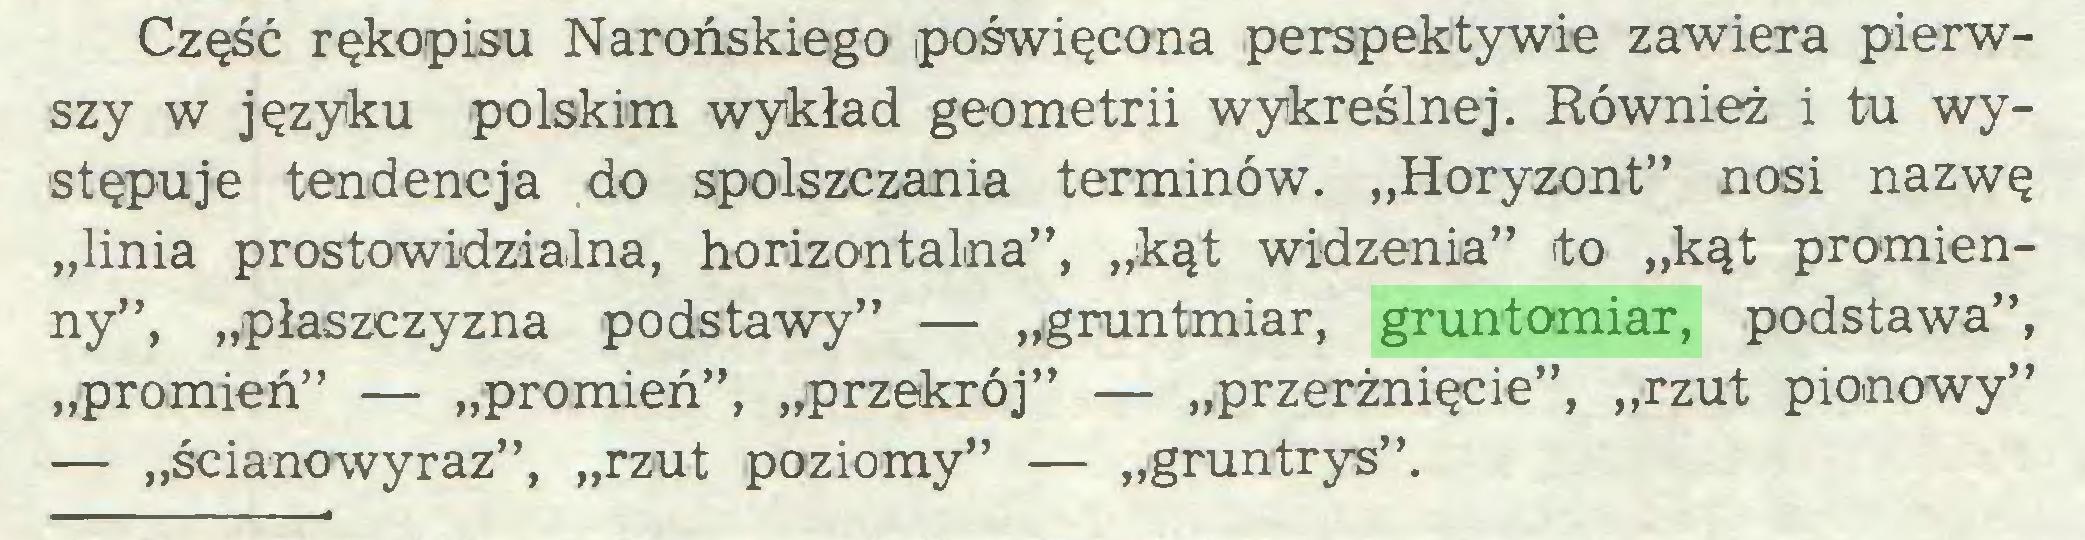 """(...) Część rękopisu Narońskiego poświęcona perspektywie zawiera pierwszy w języku polskim wykład geometrii wykreślnej. Również i tu występuje tendencja do spolszczania terminów. """"Horyzont"""" nosi nazwę """"linia prostowidzialna, horizontalna"""", """"kąt widzenia"""" to """"kąt promienny"""", """"płaszczyzna podstawy"""" — """"gruntmiar, gruntomiar, podstawa"""", """"promień"""" — """"promień"""", """"przekrój"""" — """"przerżnięcie"""", """"rzut pionowy"""" — """"ścianowyraz"""", """"rzut poziomy"""" — """"gruntrys""""..."""